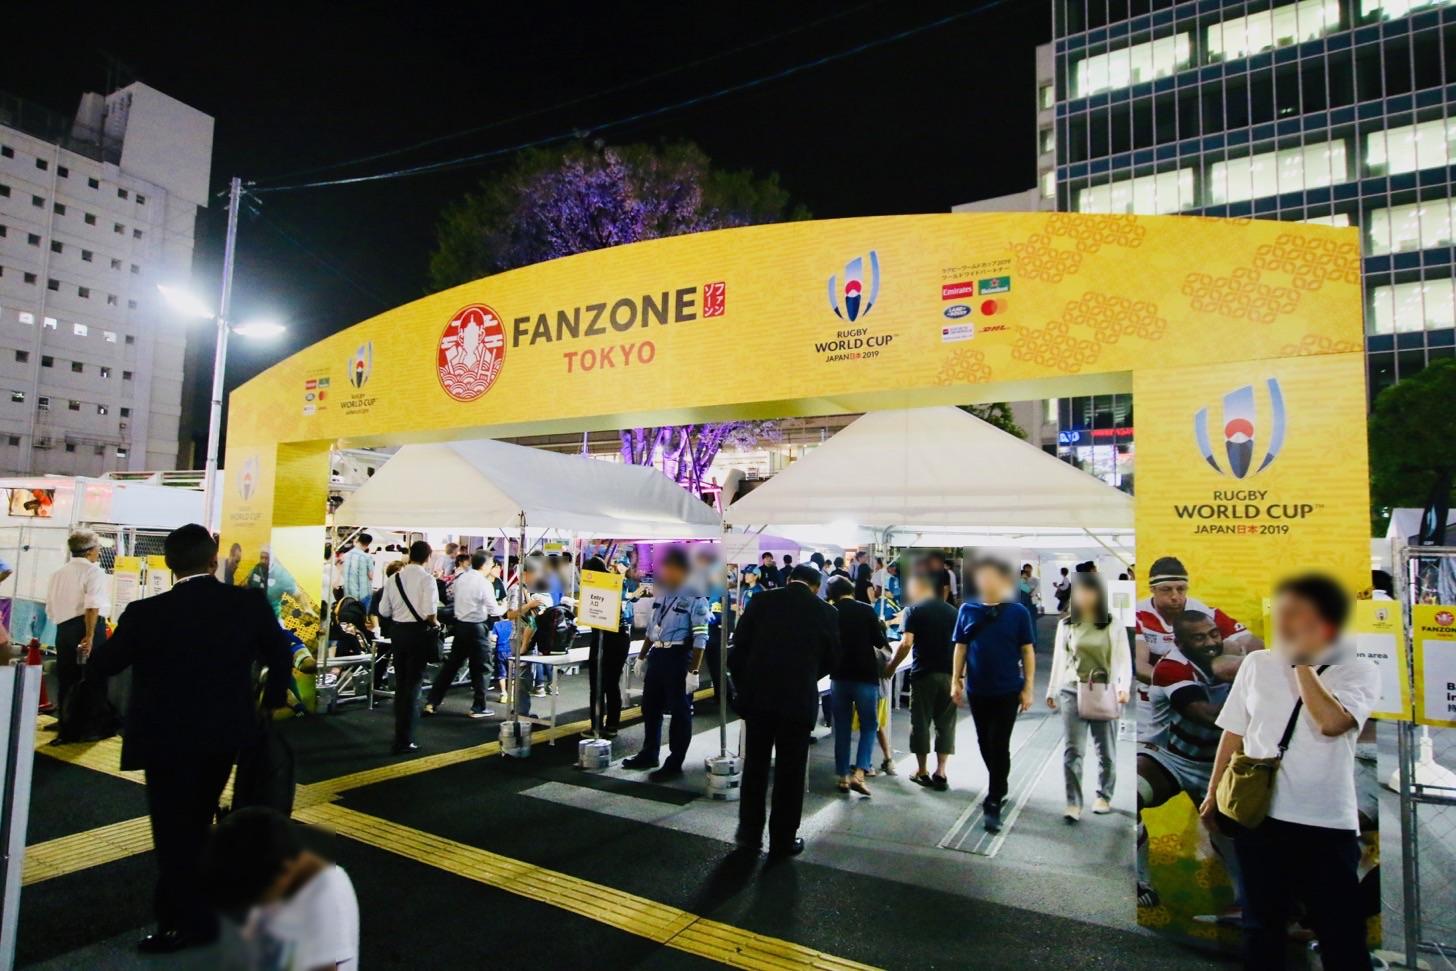 【ラグビーワールドカップ2019パブリックビューイング】調布駅前広場「ファンゾーン in 東京」入場ゲート